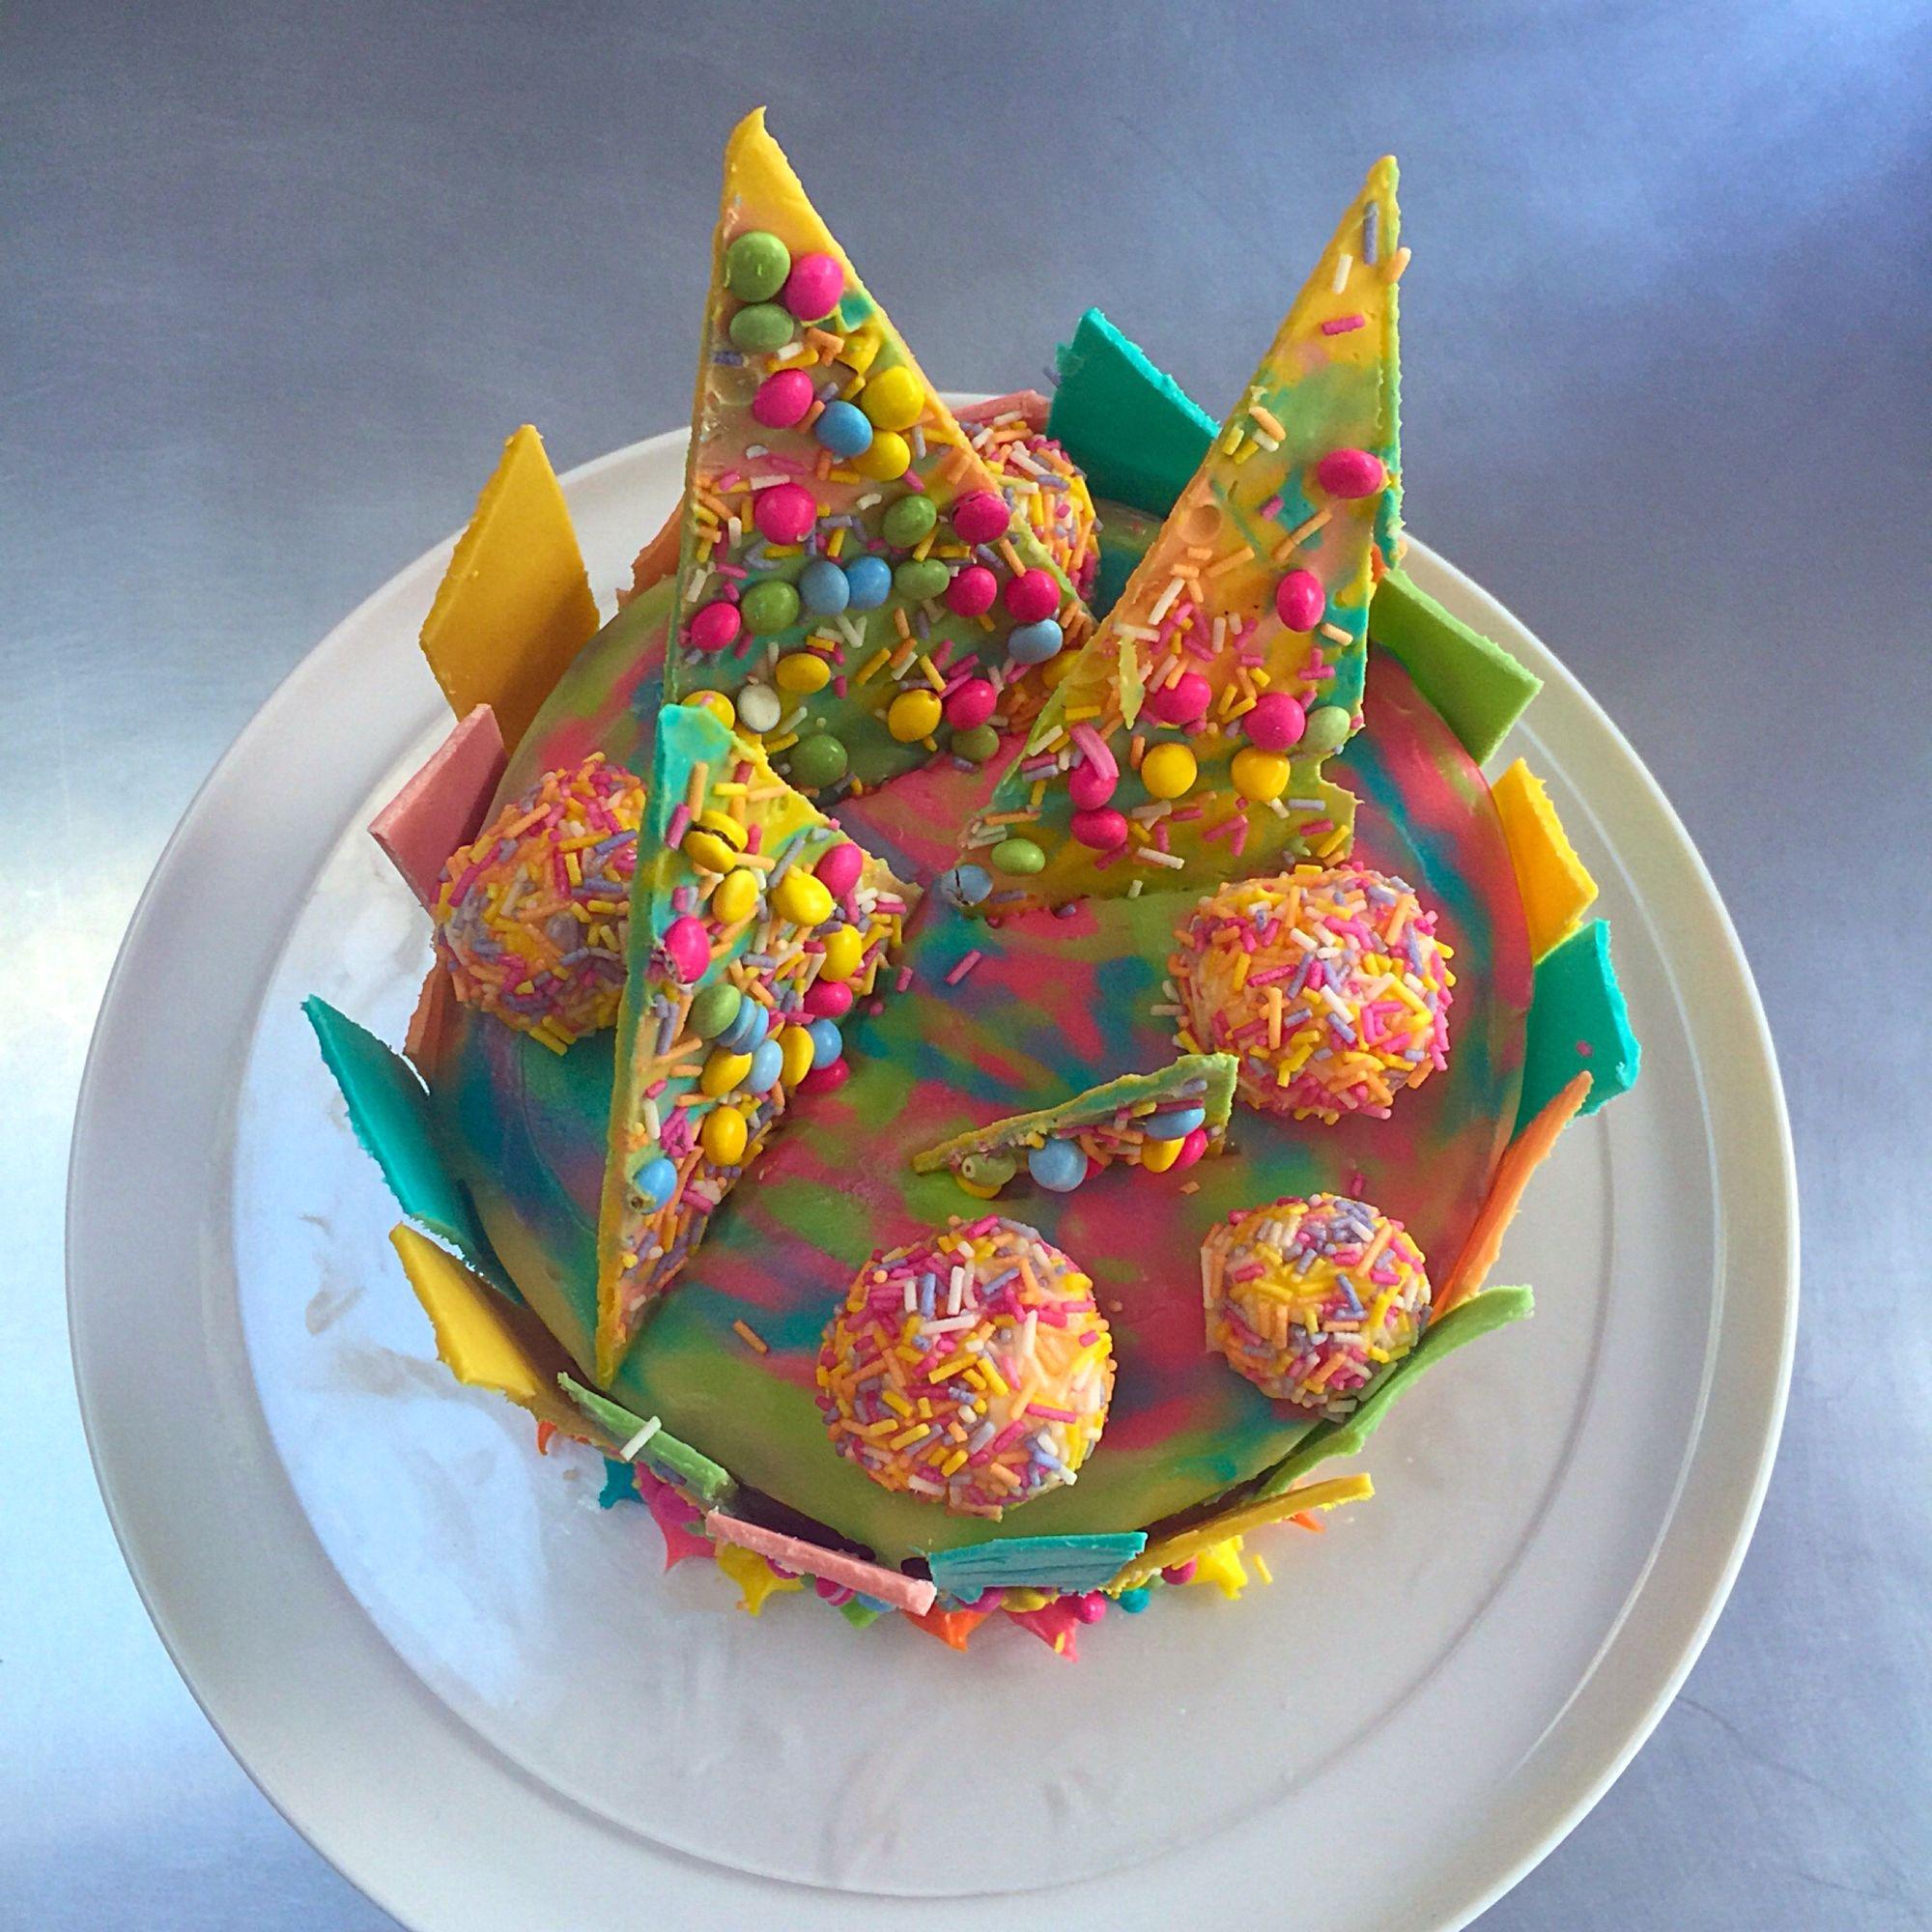 White chocolate shard cake with ganache balls and marbled ganache